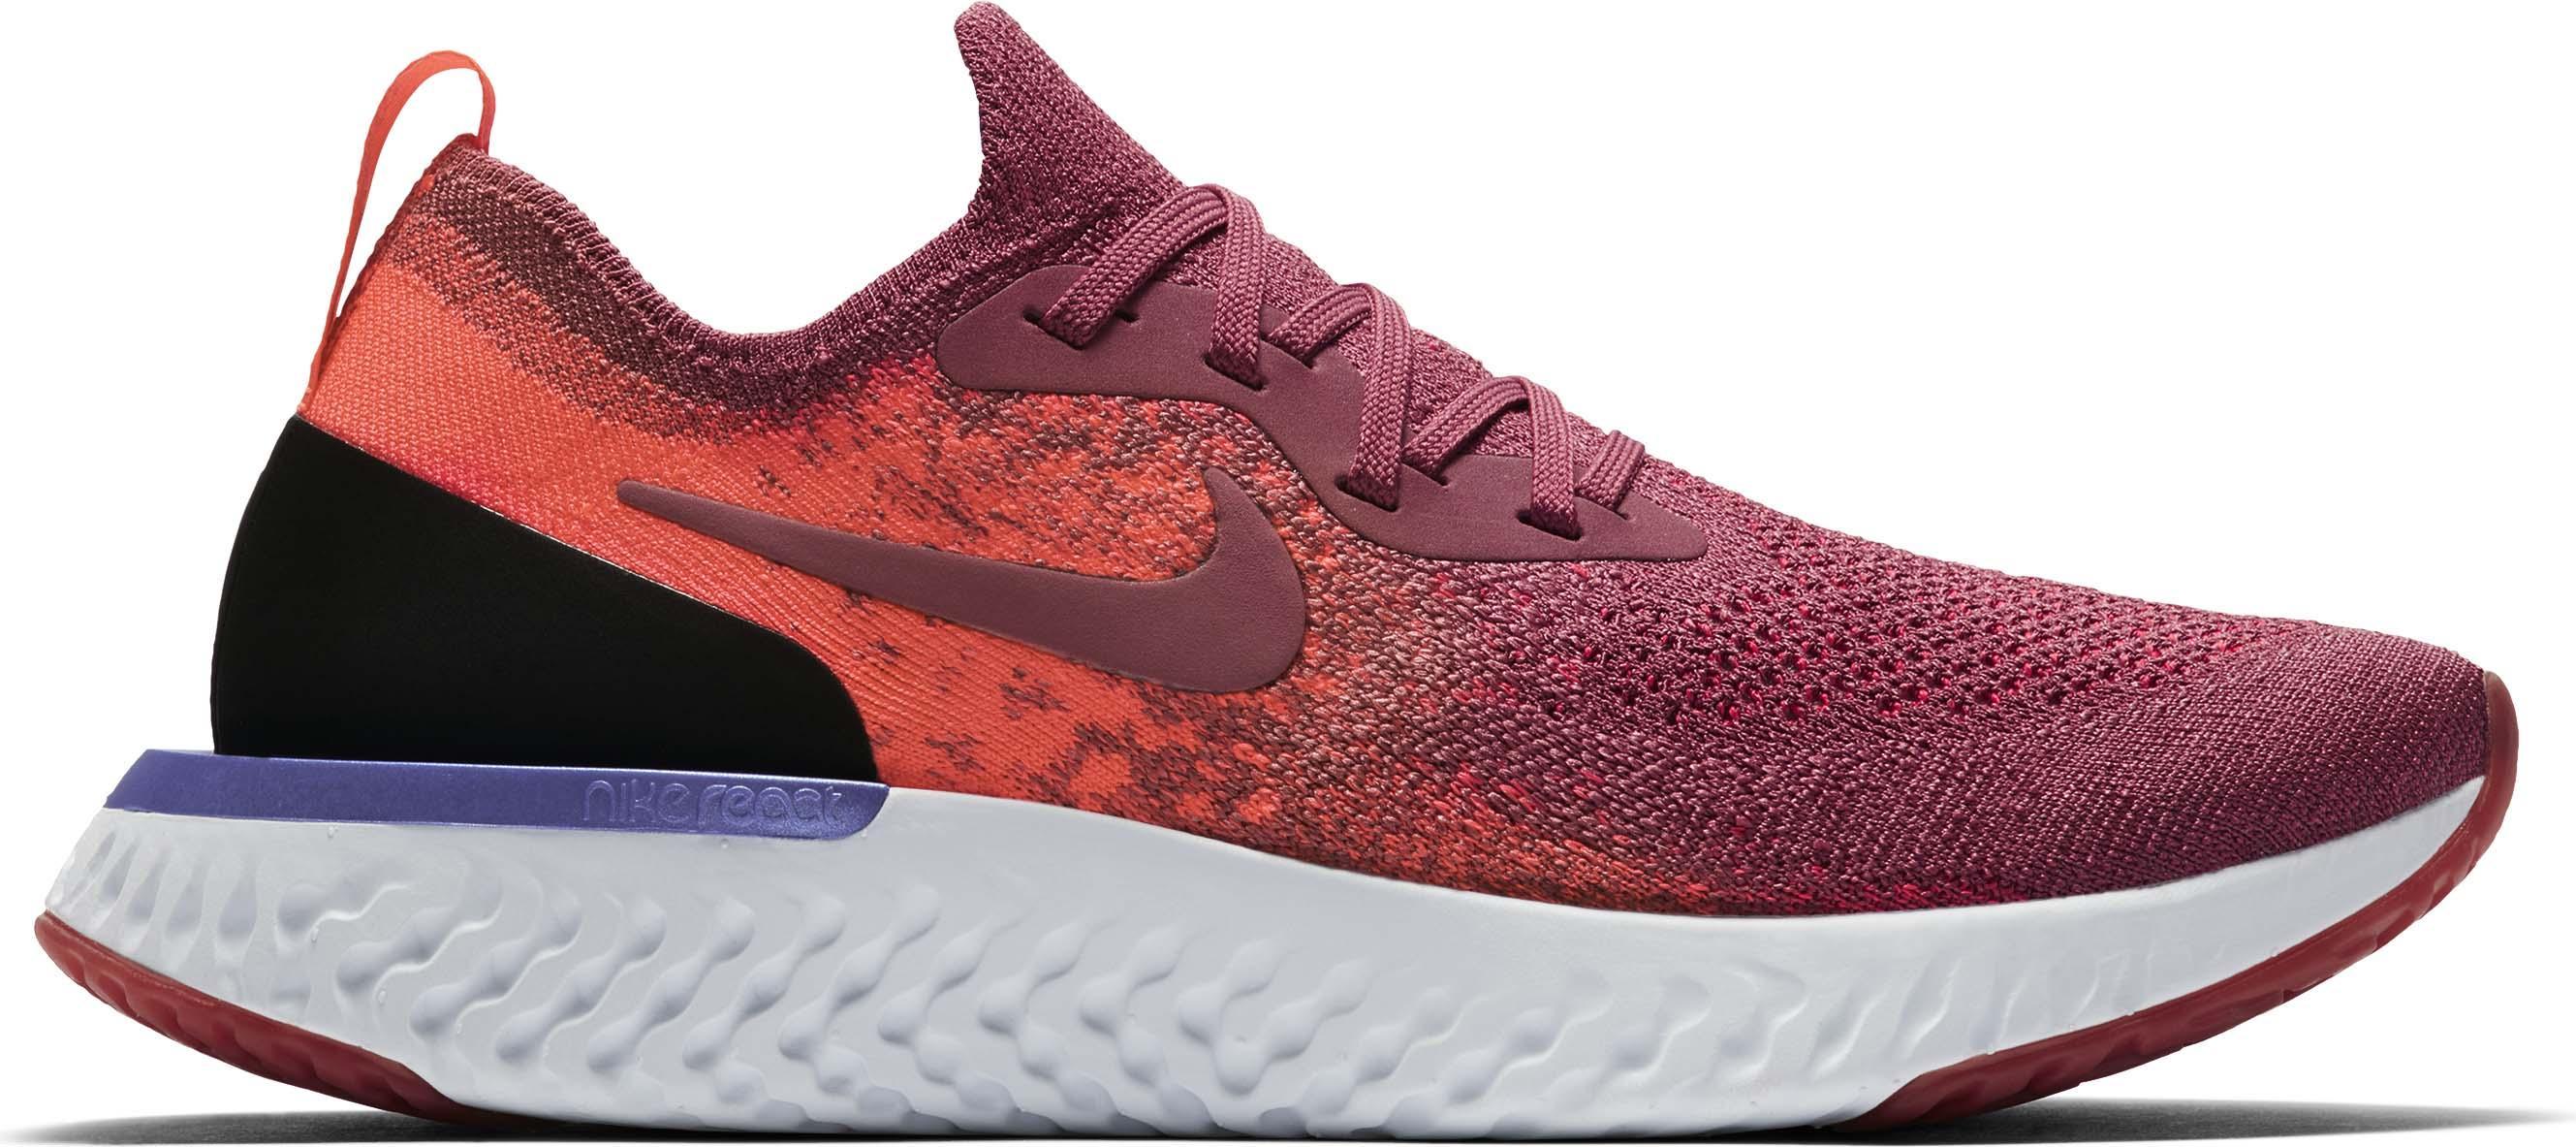 Nike Epic React Flyknit dames hardloopschoenen @ Jouwsportzaak